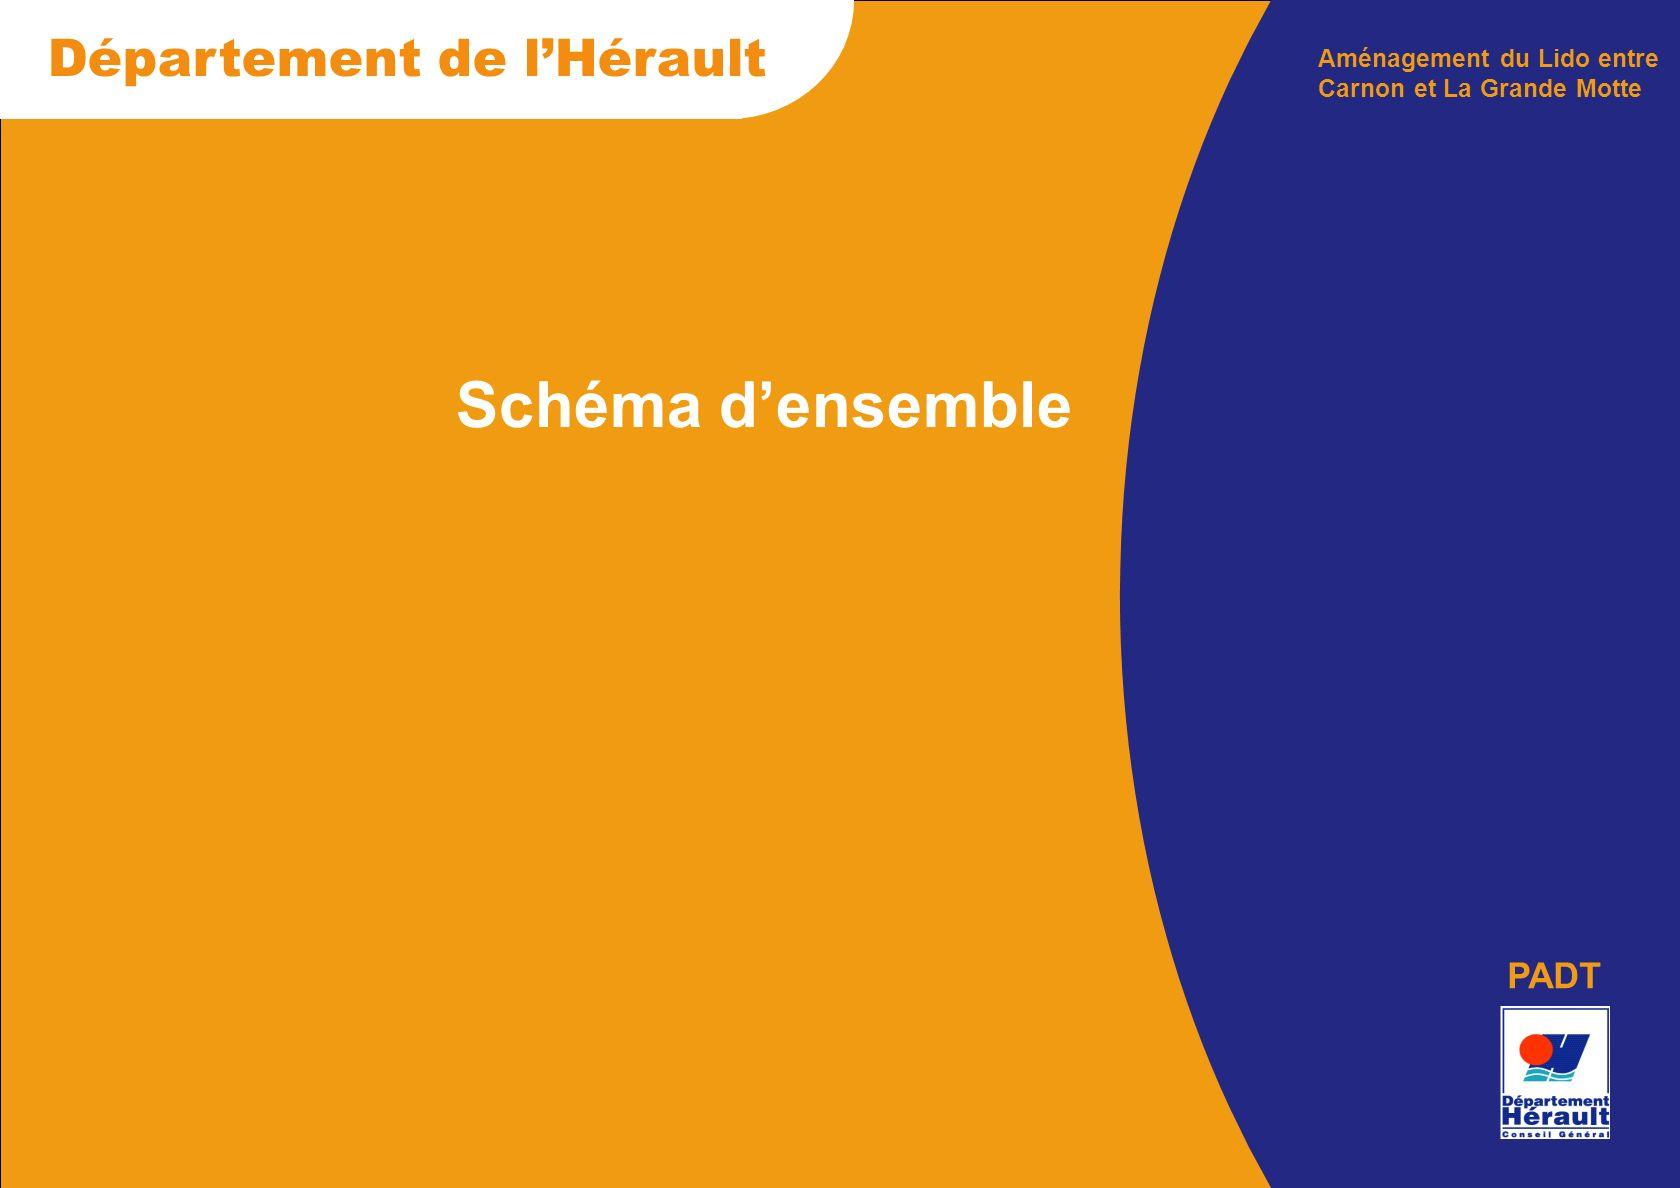 Département de lHérault PADT Schéma densemble Aménagement du Lido entre Carnon et La Grande Motte